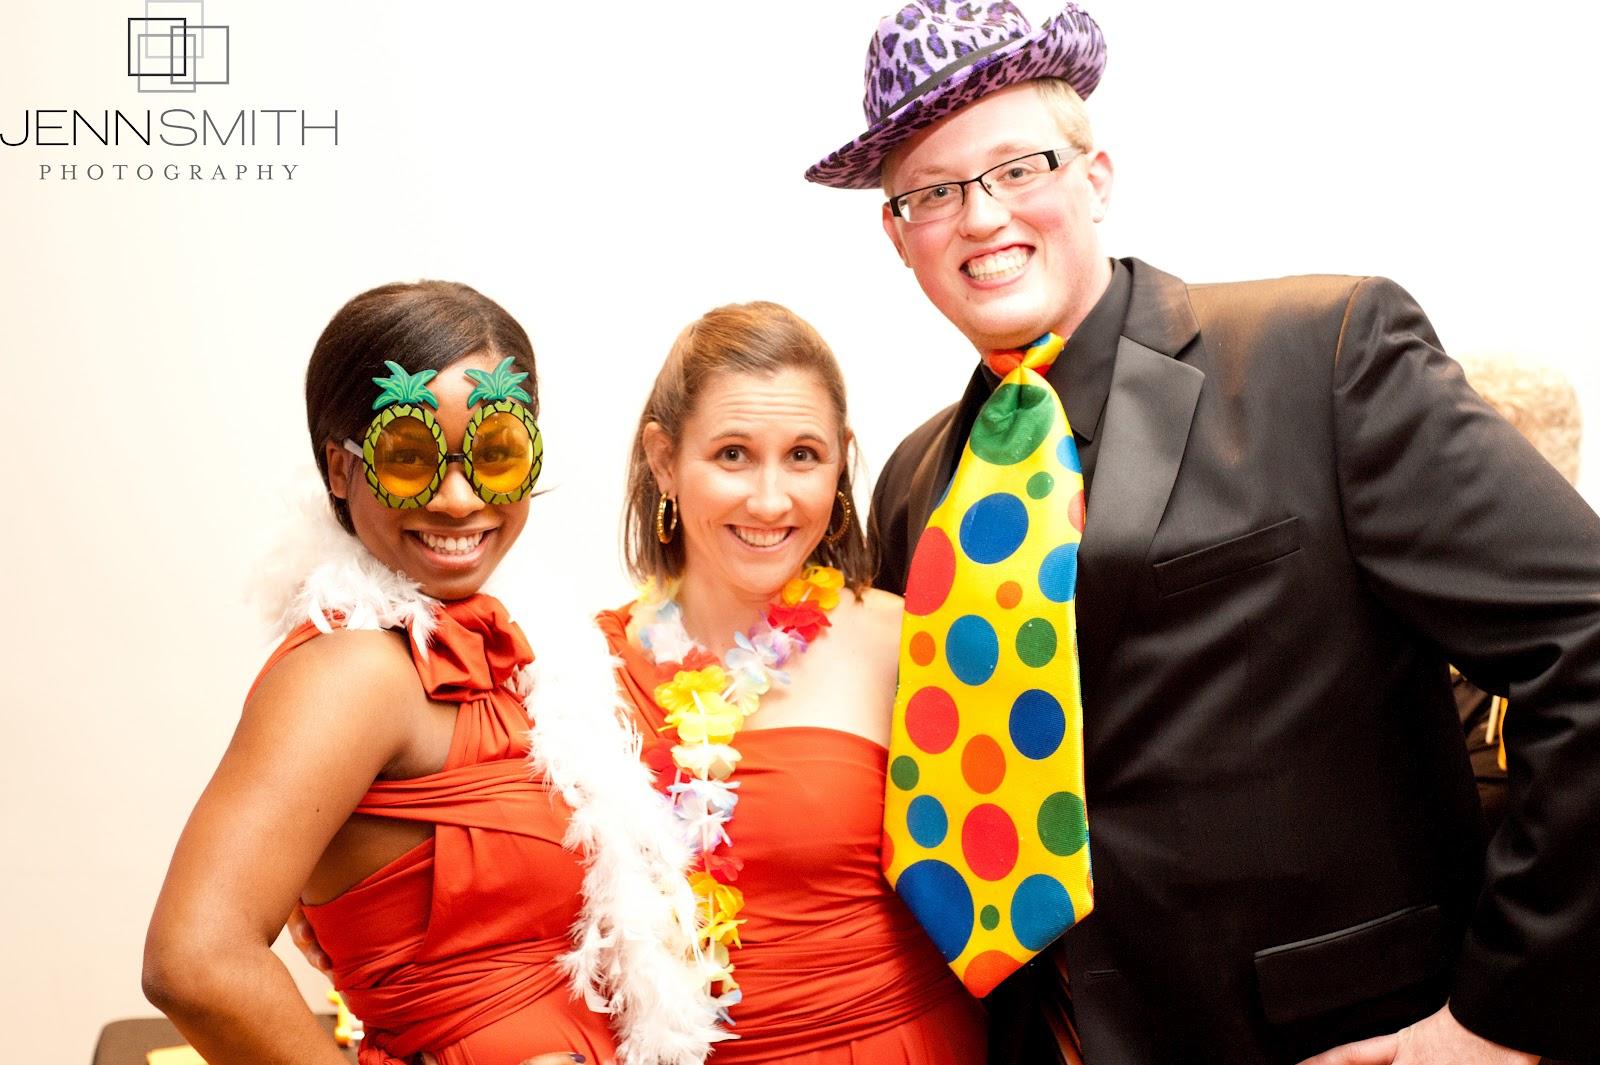 http://4.bp.blogspot.com/-60FLO3OS2RI/TzAfGnF_mqI/AAAAAAAAAOY/Dido7WOTApQ/s1600/Amos+Wedding653.jpg